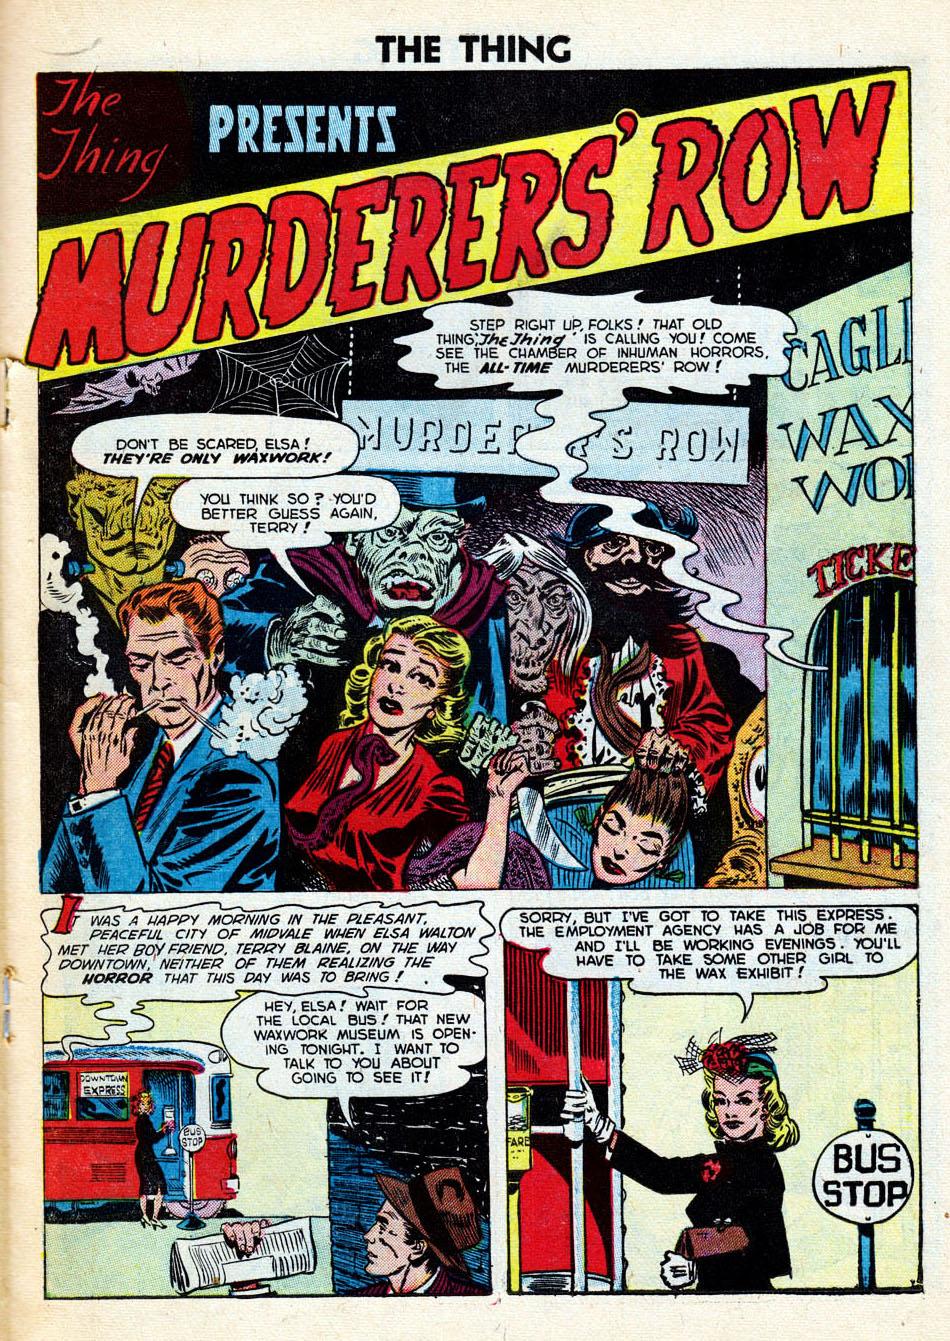 MurderersRow1